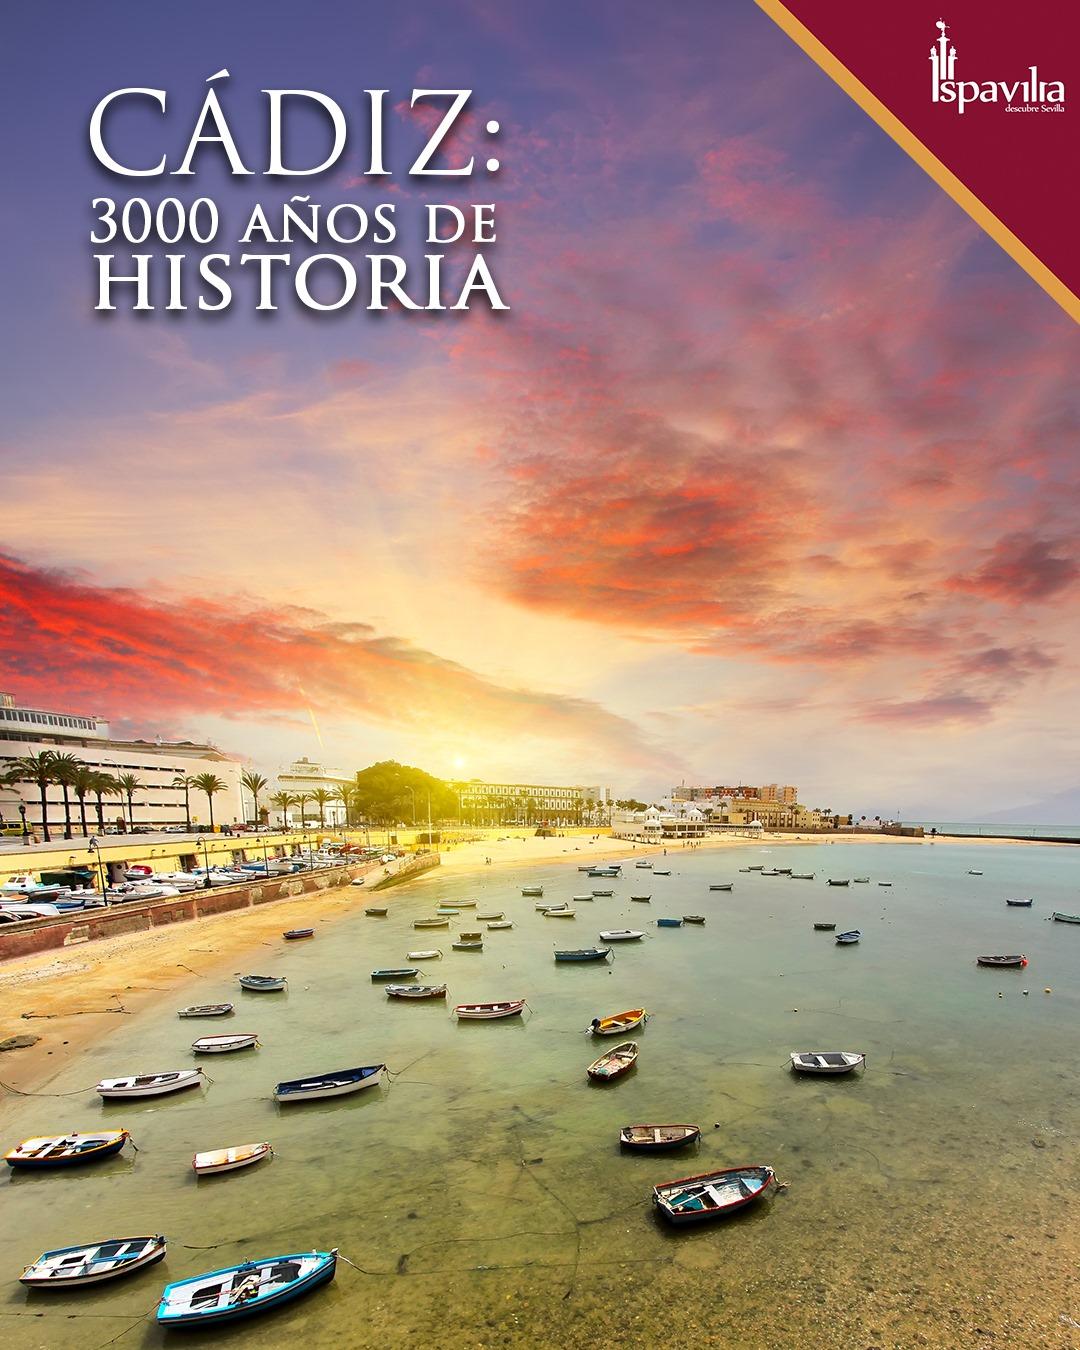 Ruta Cultural 'Cádiz: 3000 años de historia'